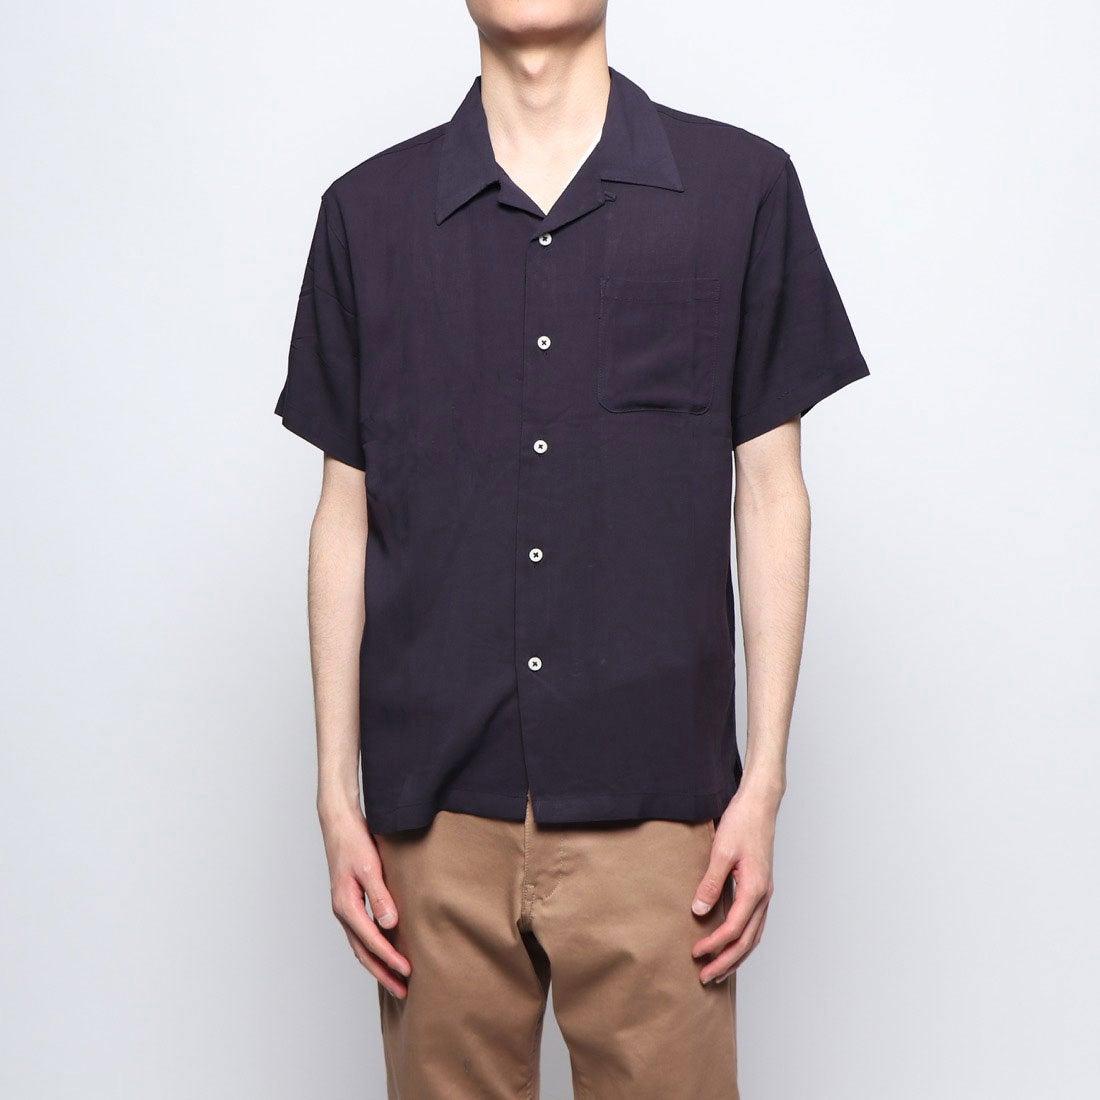 ロコンド 靴とファッションの通販サイトスタイルブロック STYLEBLOCK 無地半袖オープンカラーシャツ (ネイビー)